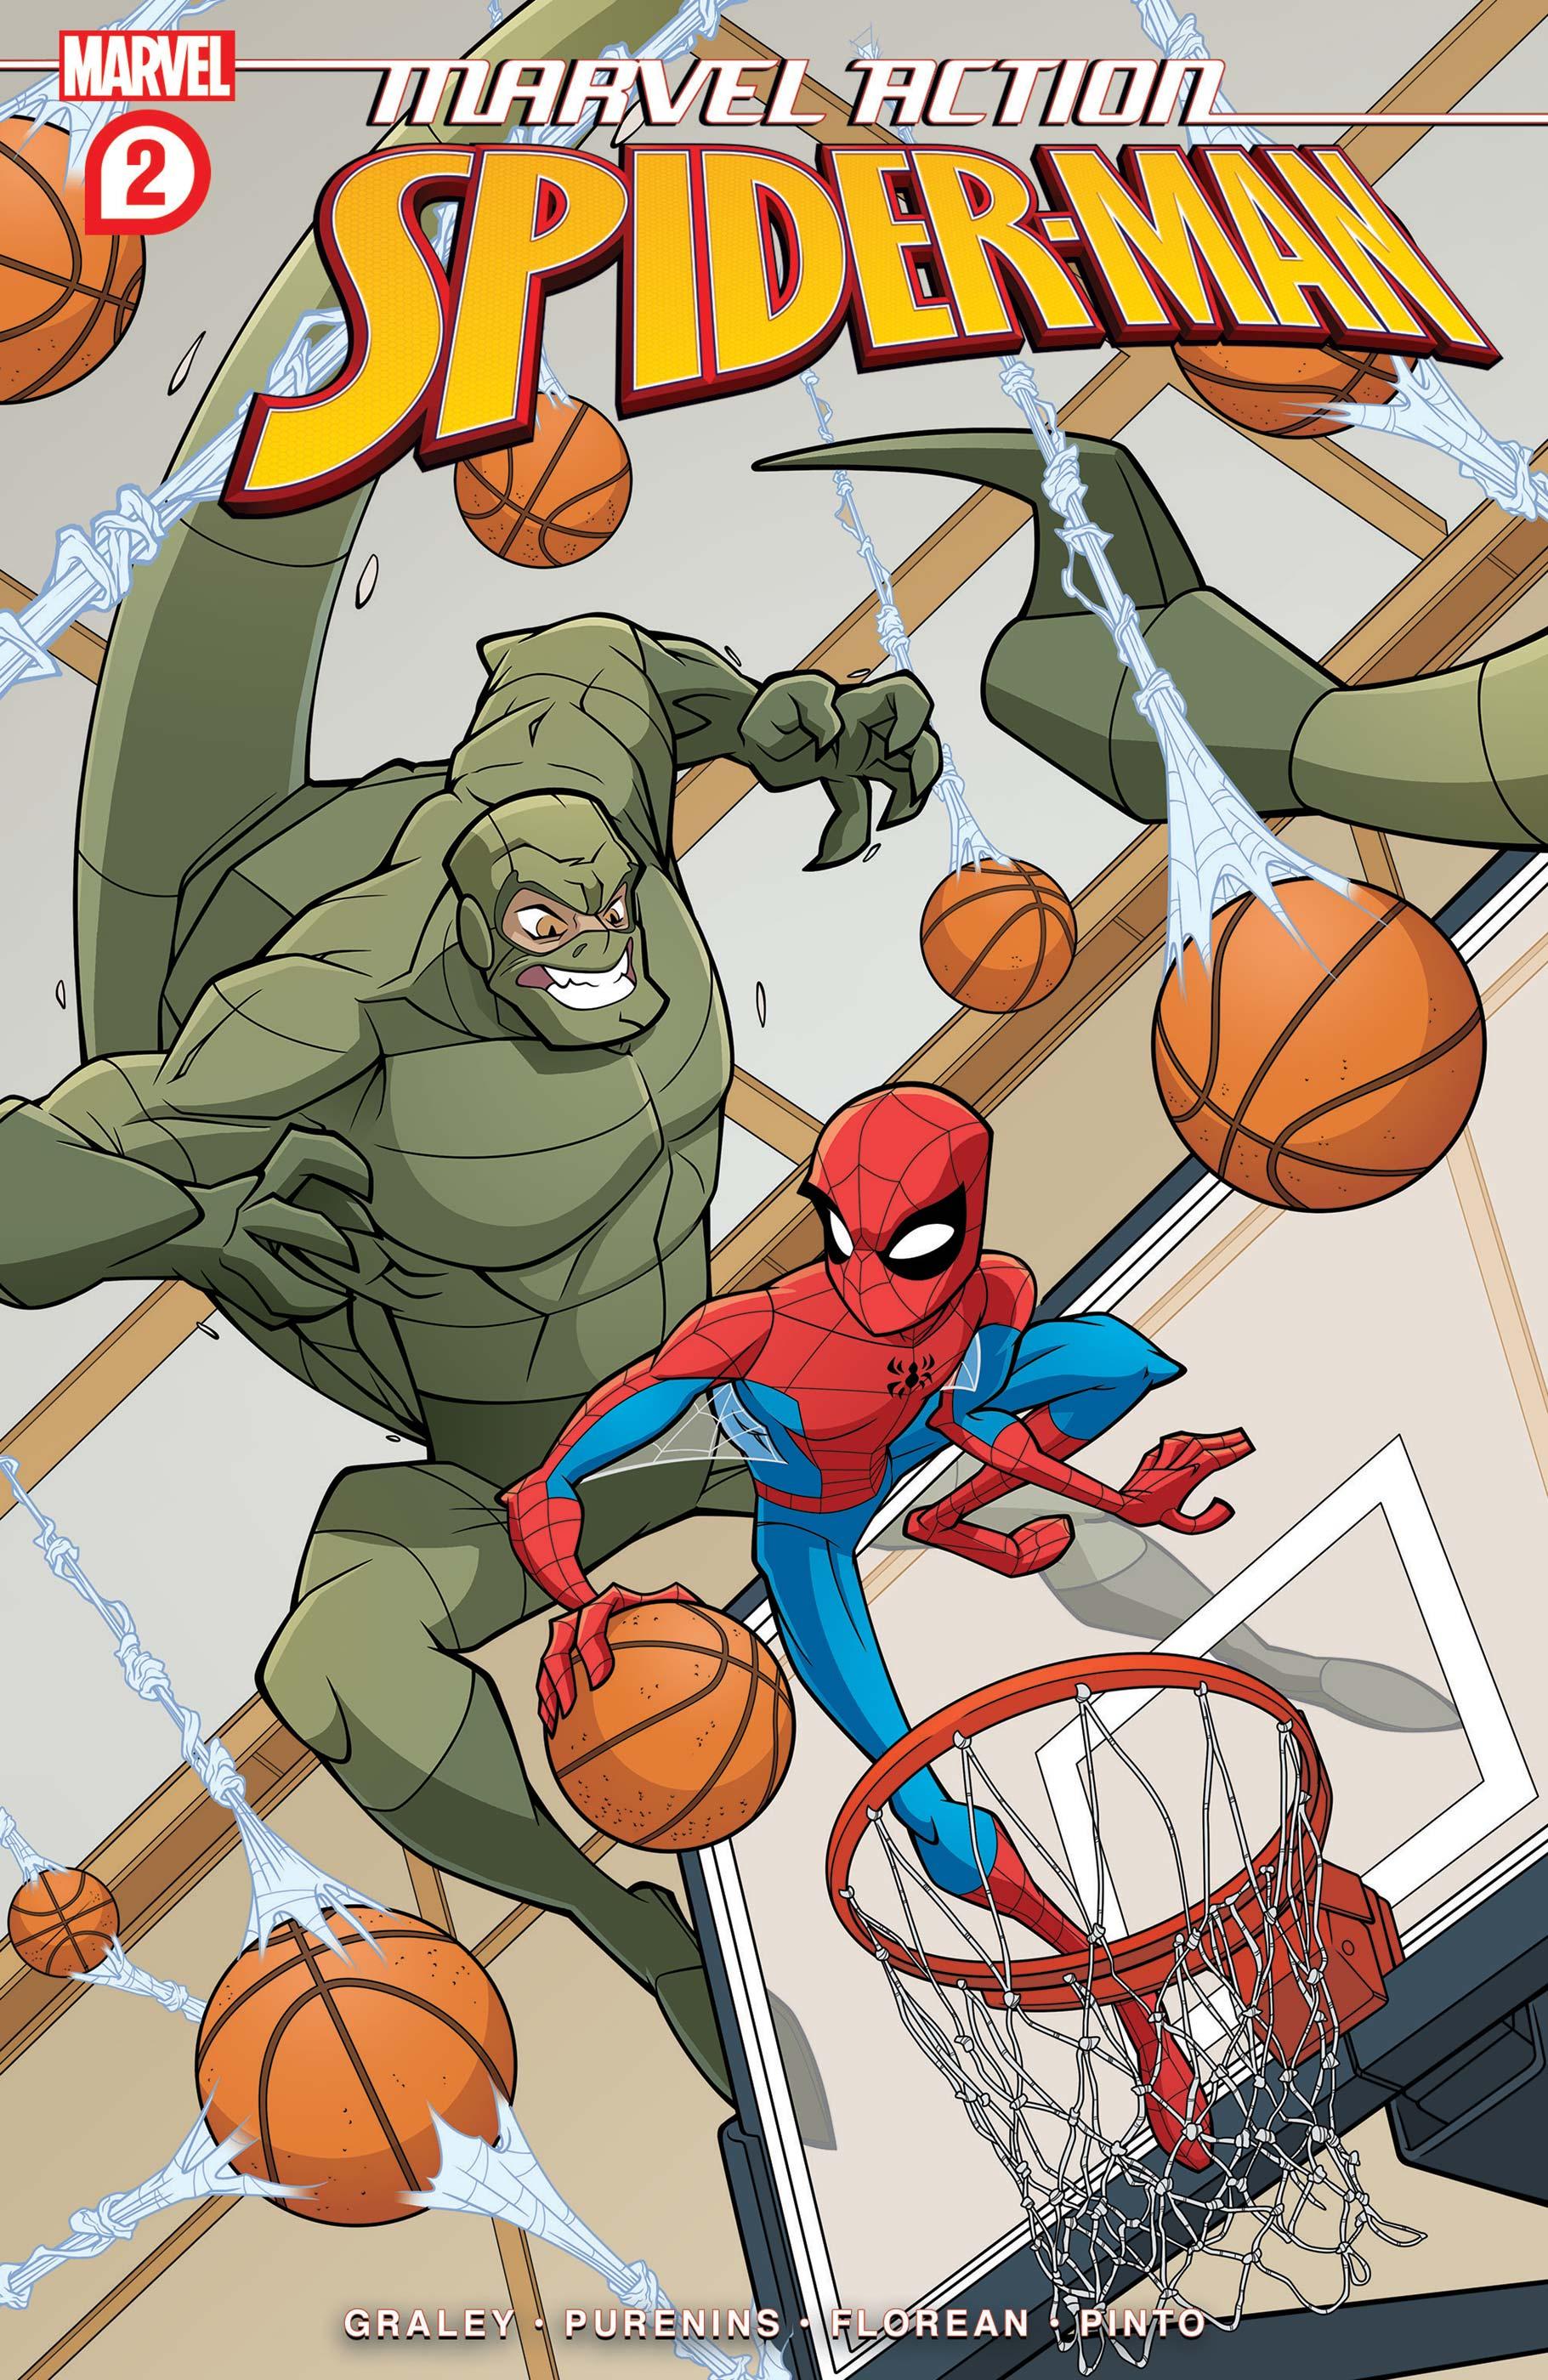 Marvel Action Spider-Man (2021) #2